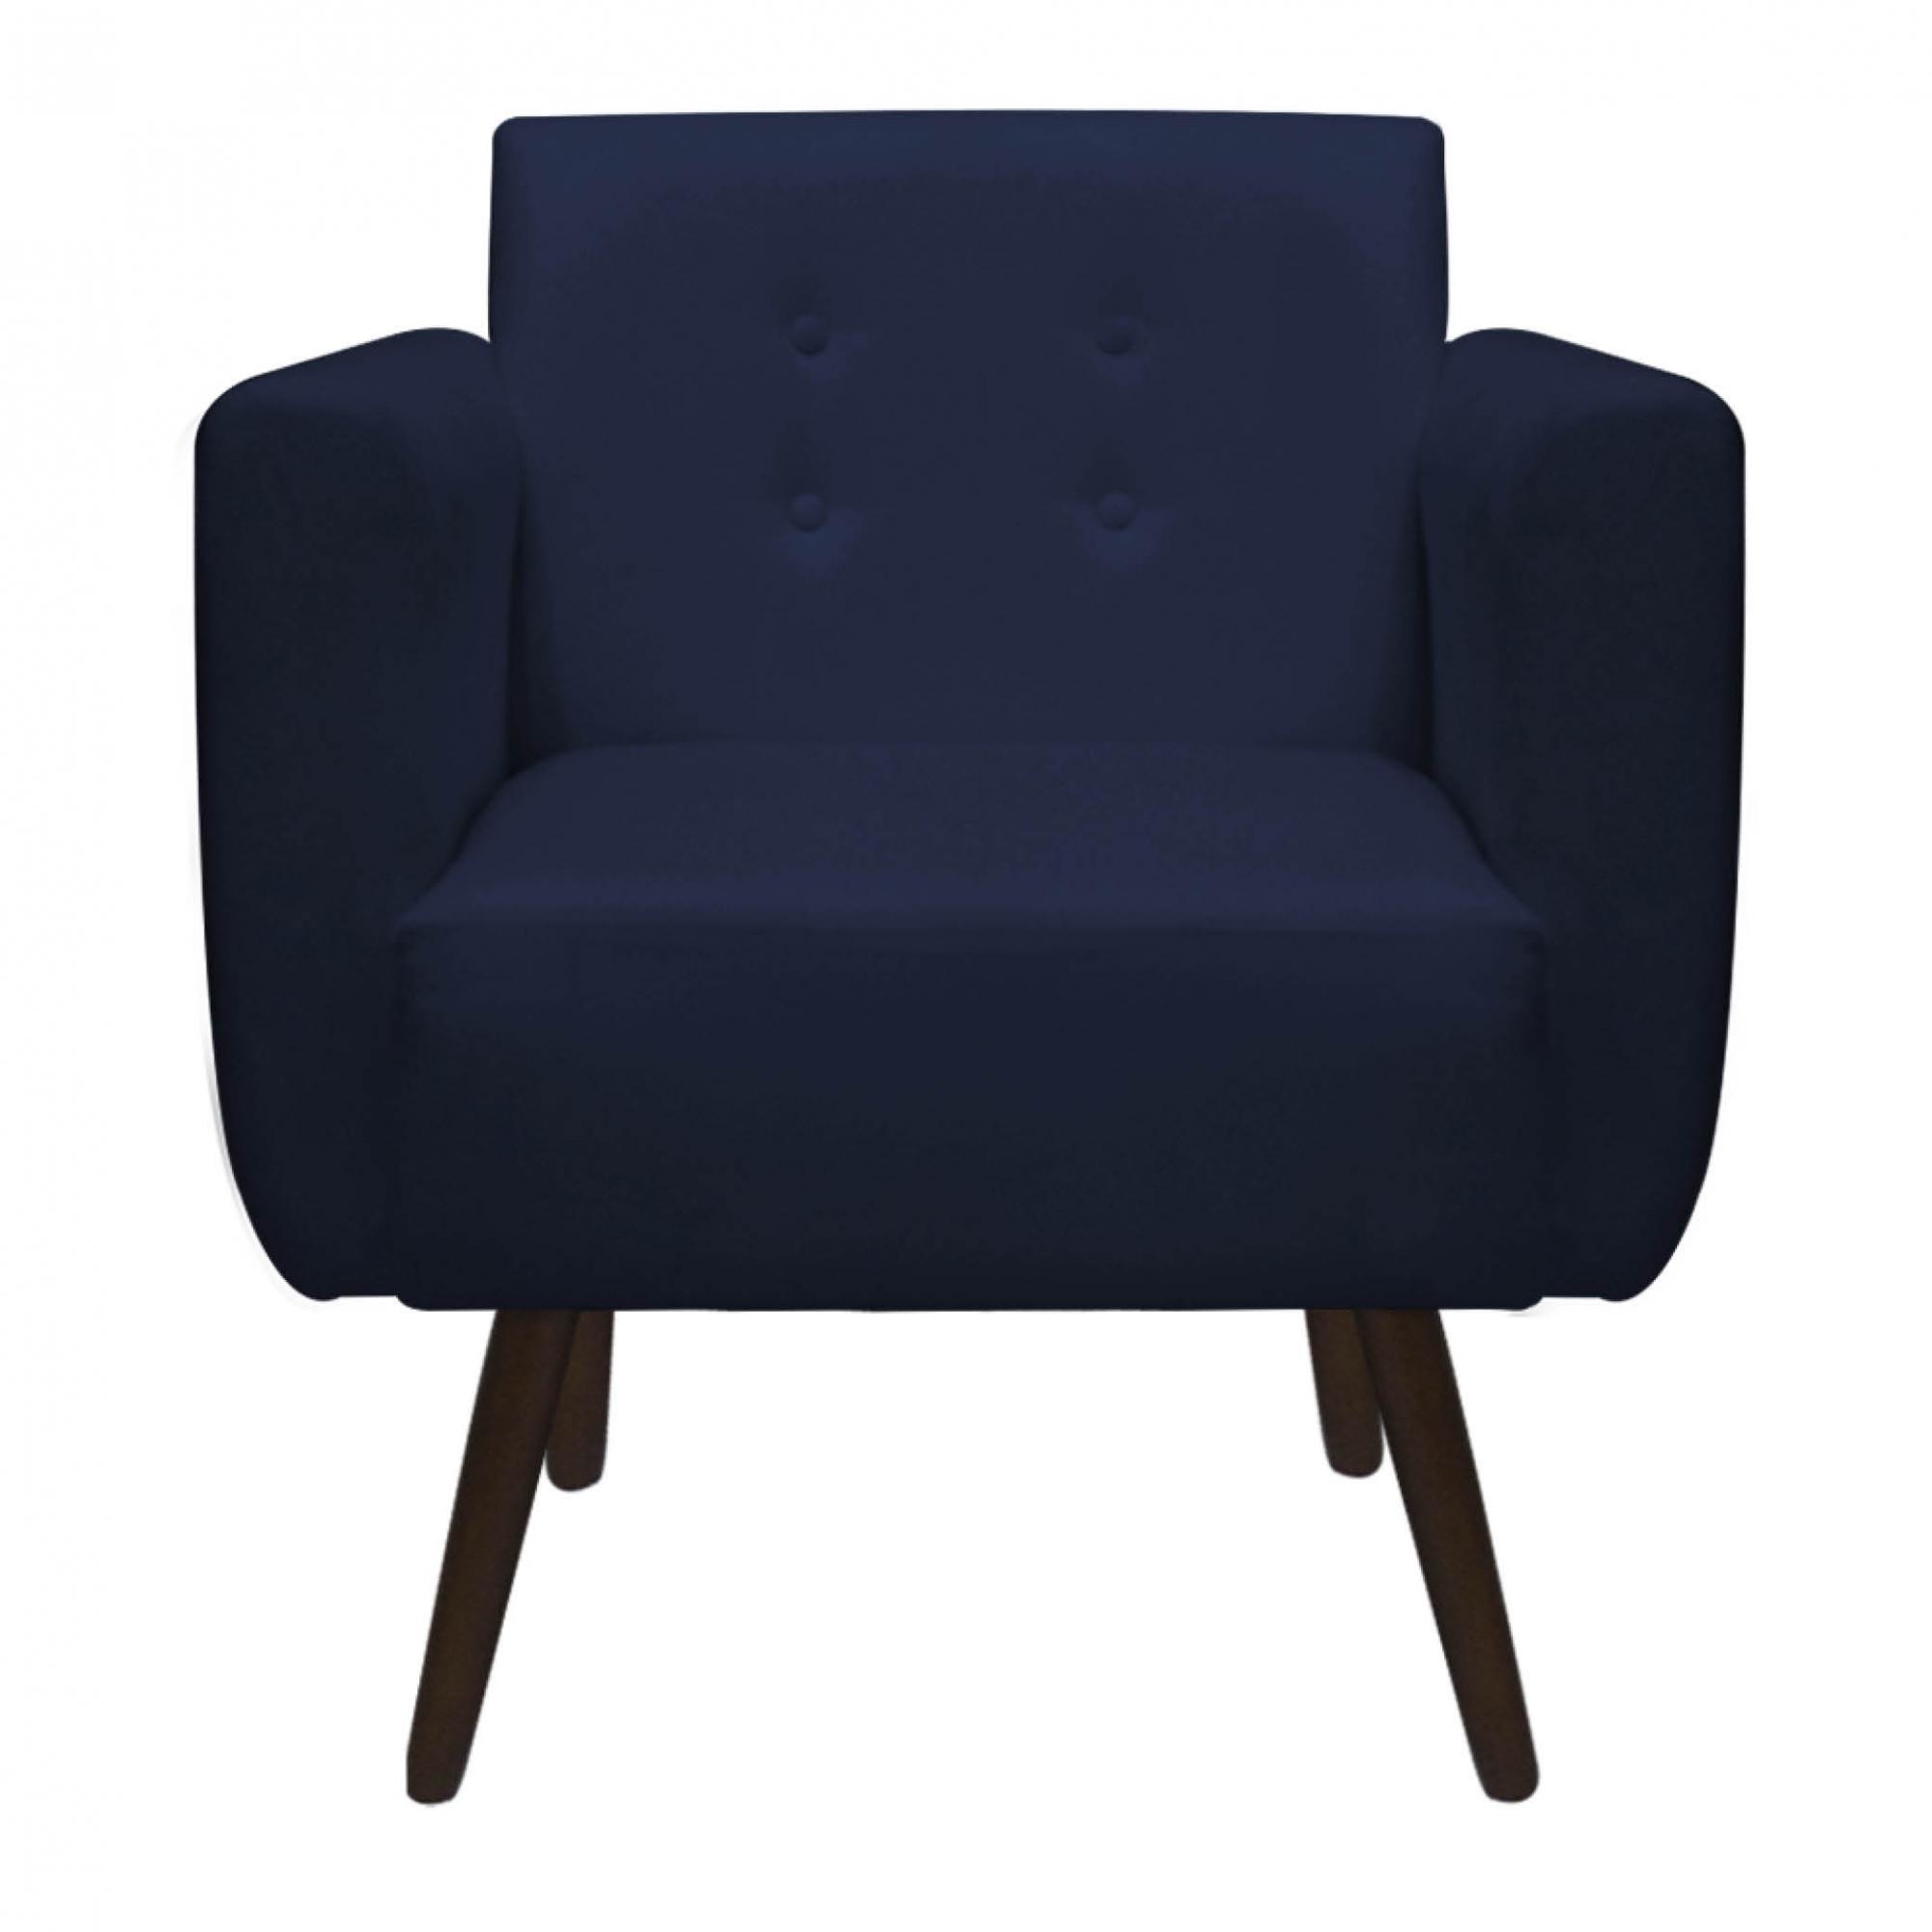 Kit 3 Poltrona Duda Decoraçâo Pé Palito Cadeira Recepção Escritório Clinica D'Classe Decor Suede Azul Marinho